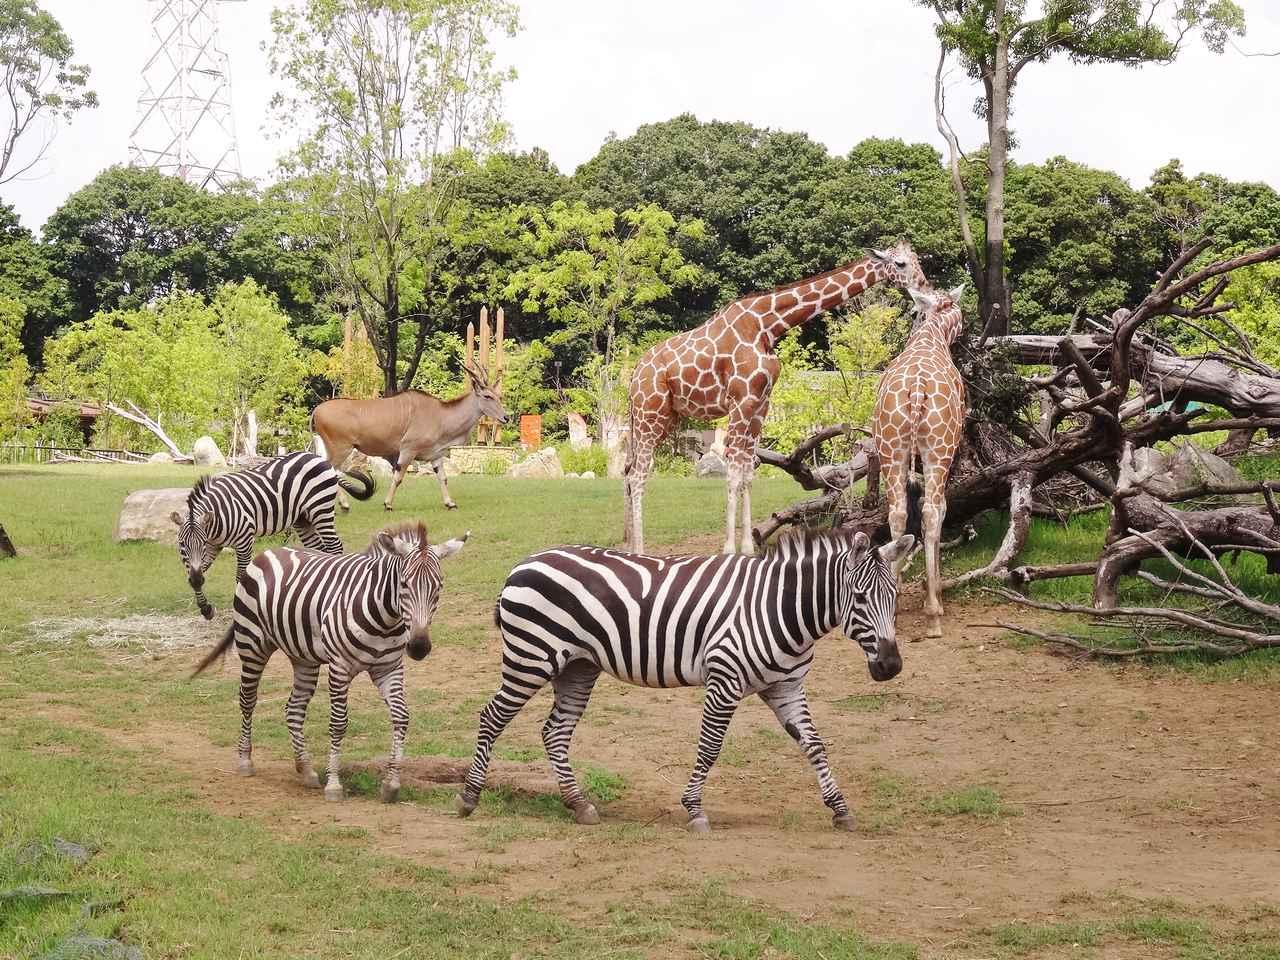 画像: アフリカのサバンナゾーン 提供:よこはま動物園ズーラシア